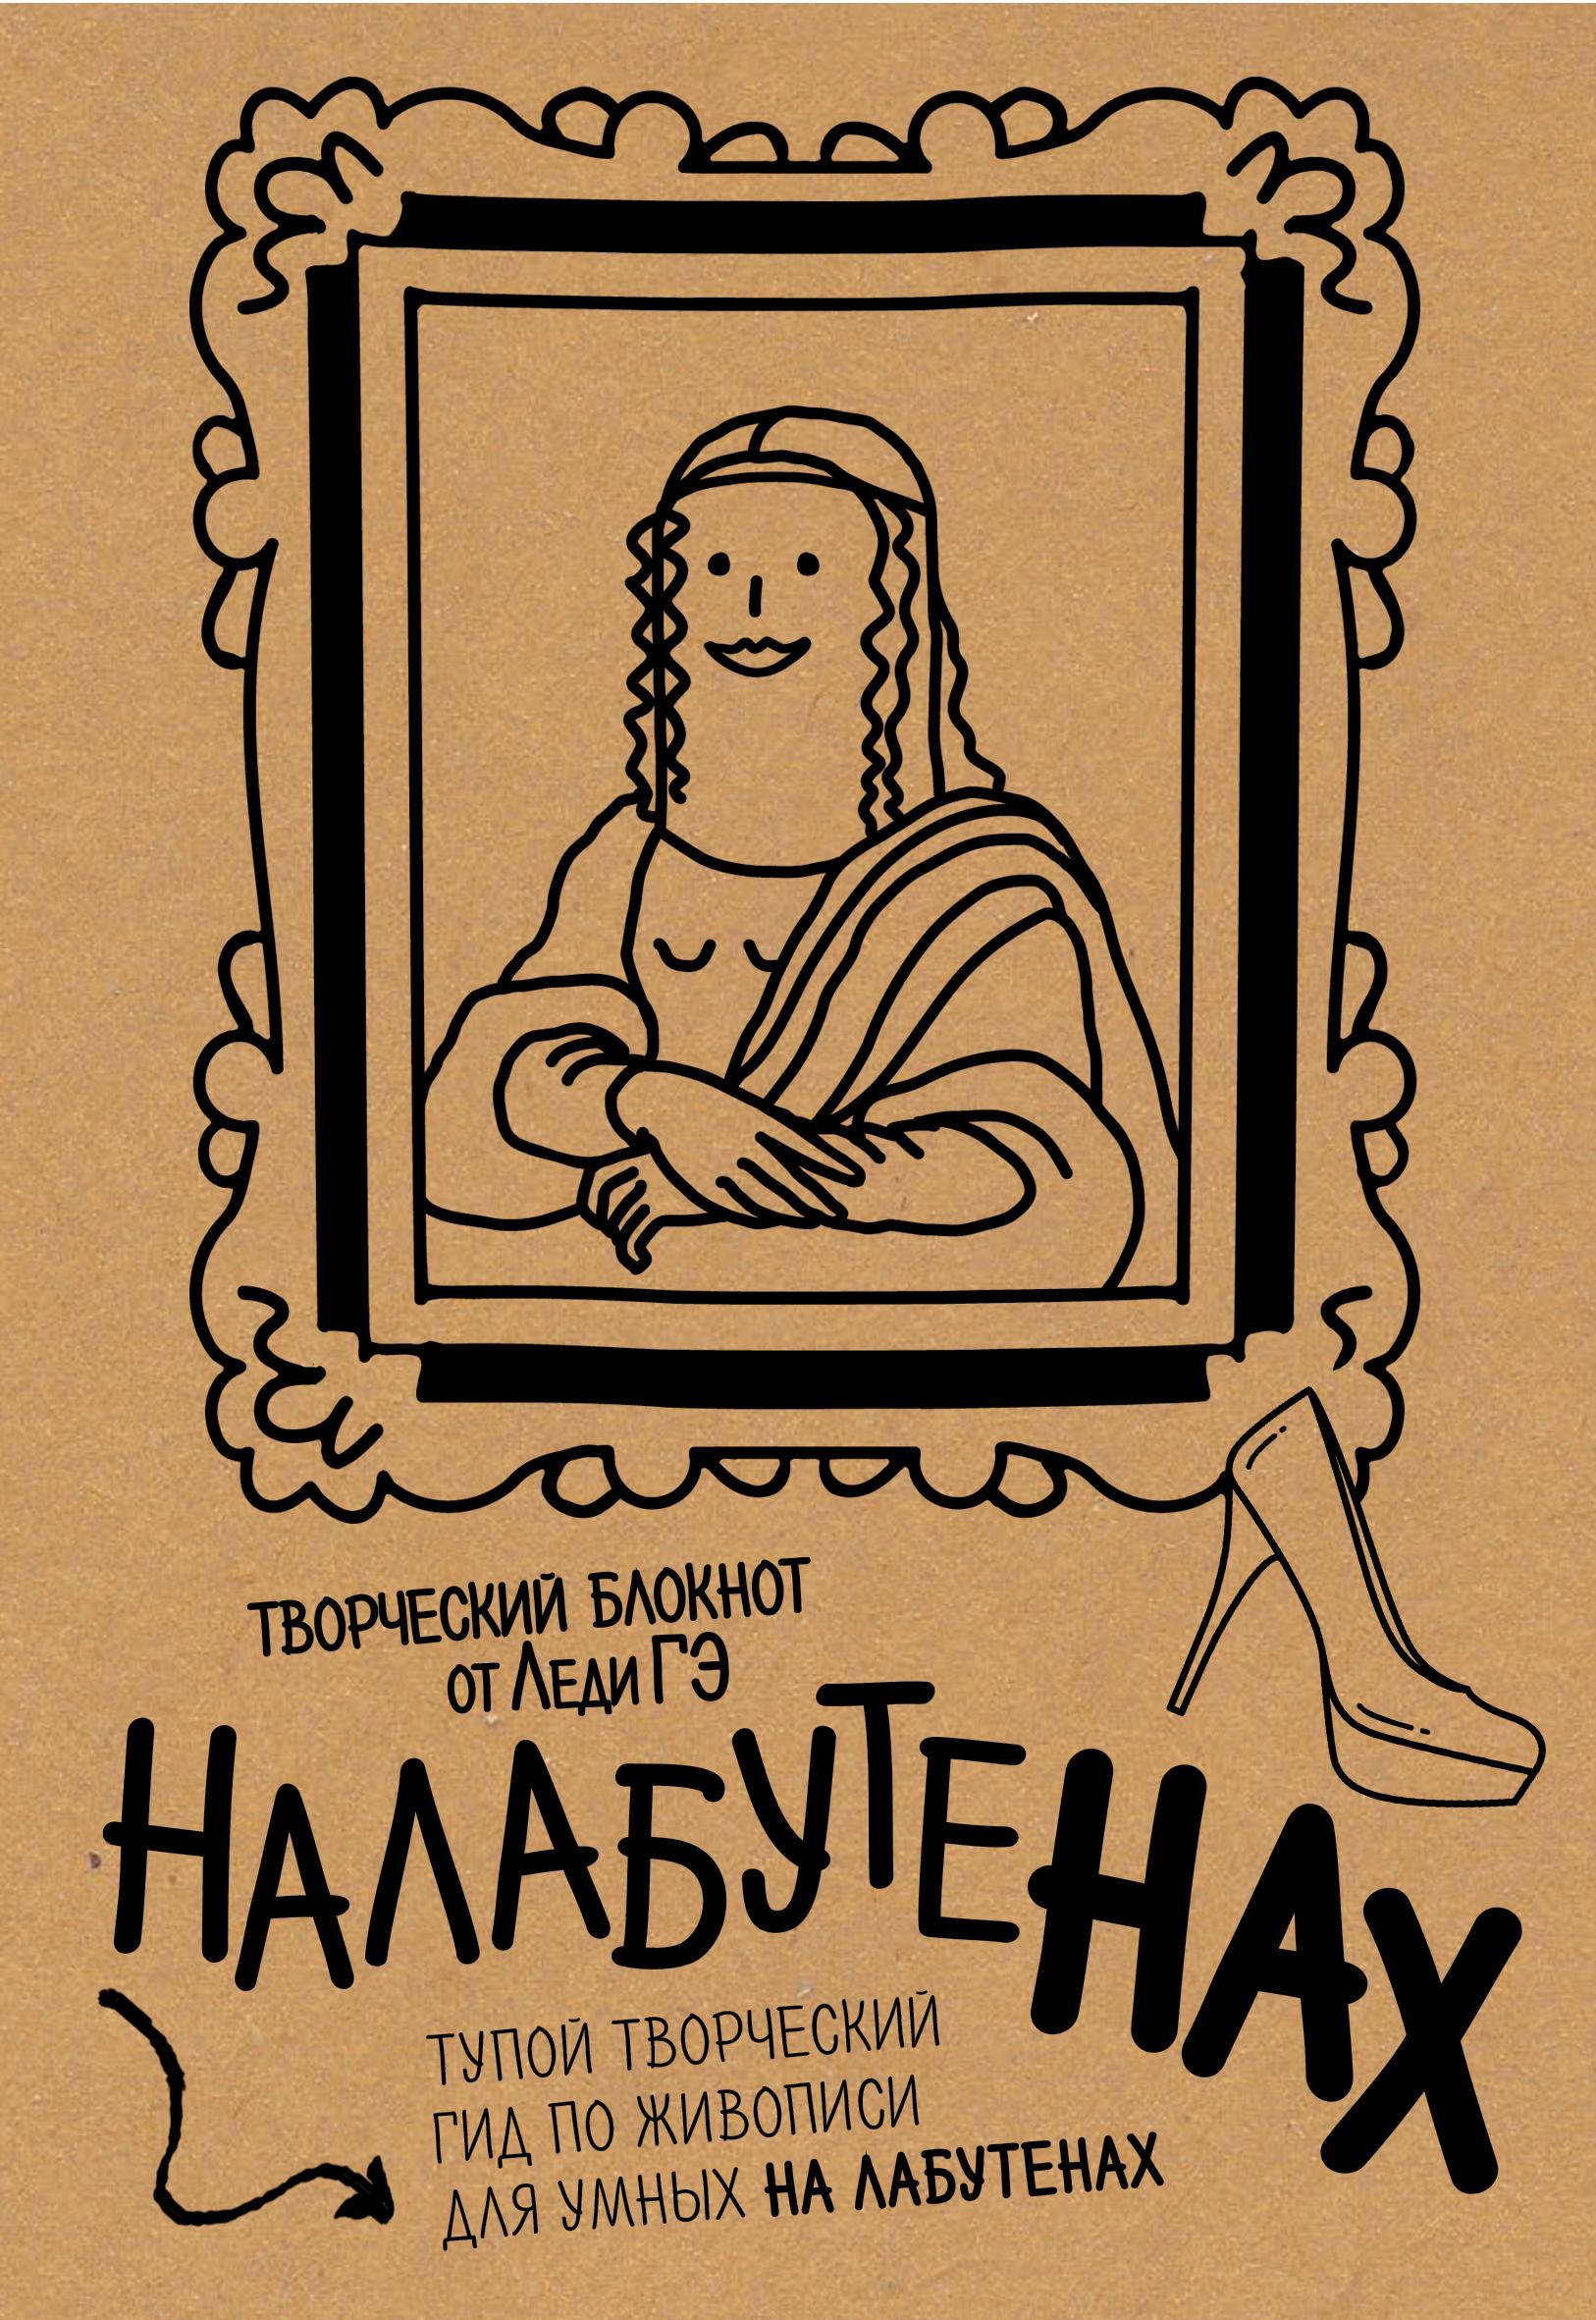 Налабутенах от book24.ru